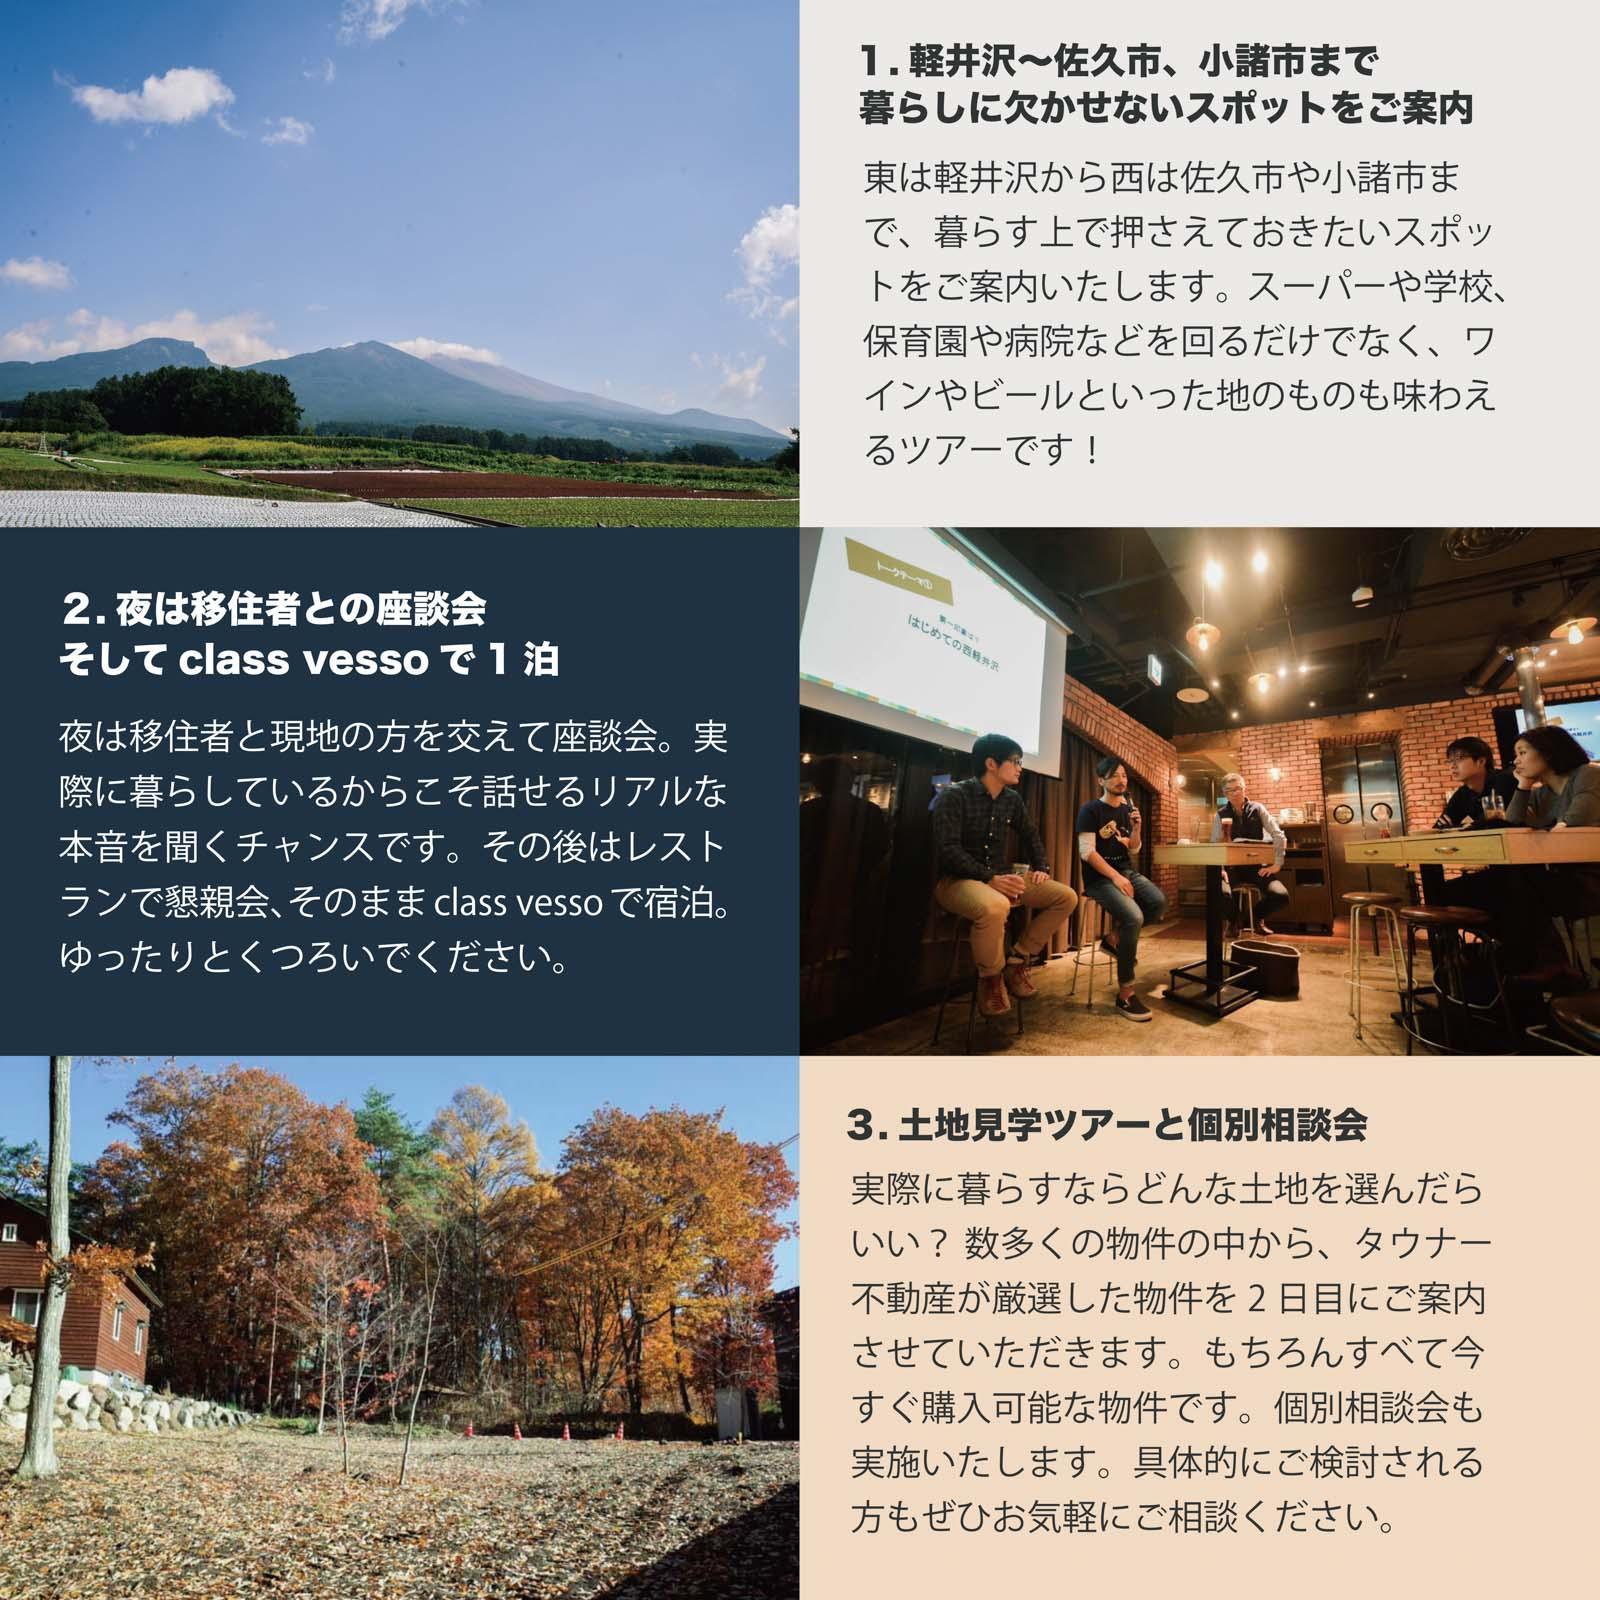 軽井沢 イベント